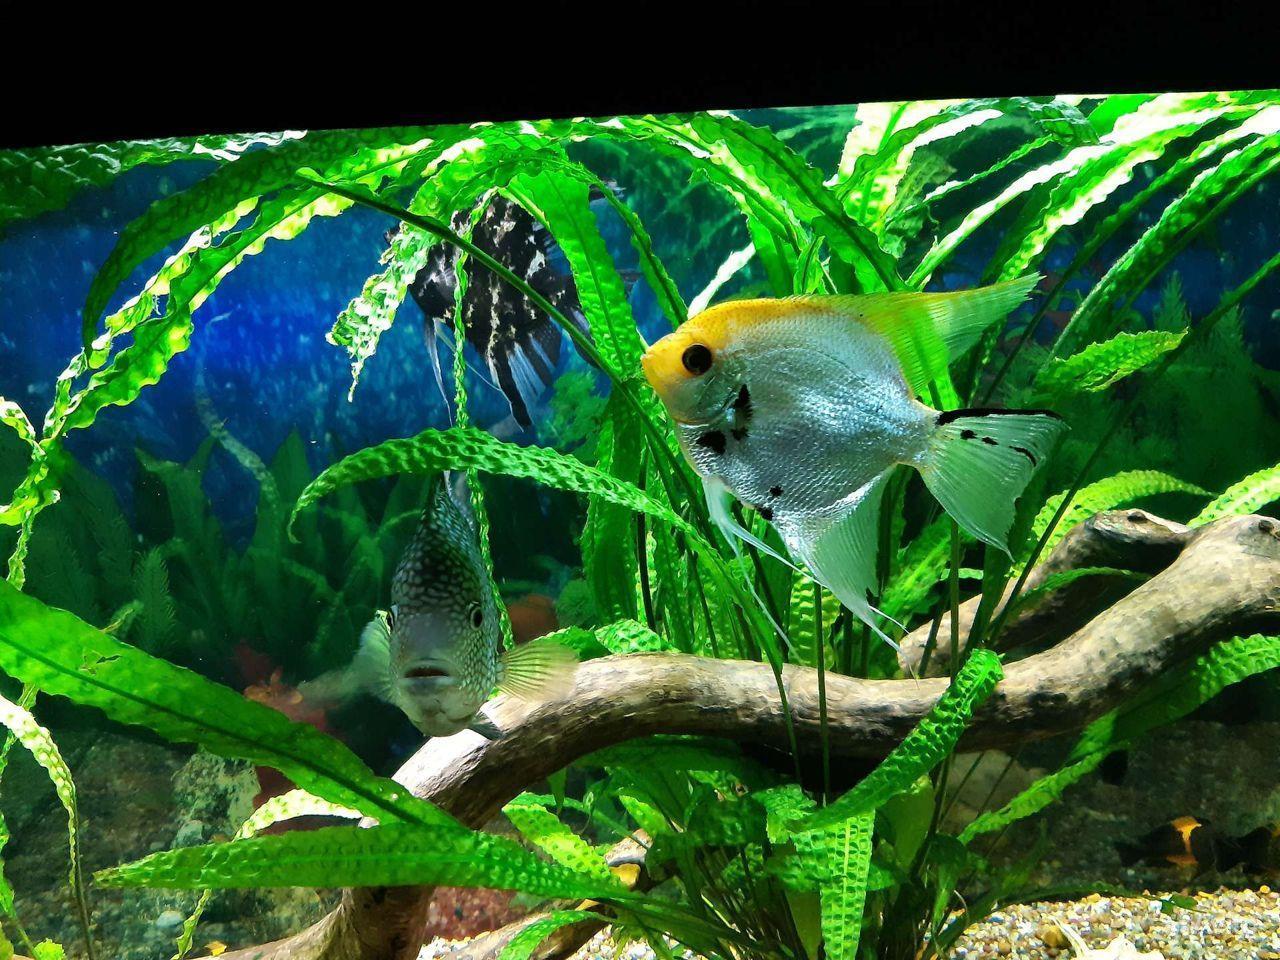 Аквариумная рыбка скалярия купить на Зозу.ру - фотография № 1